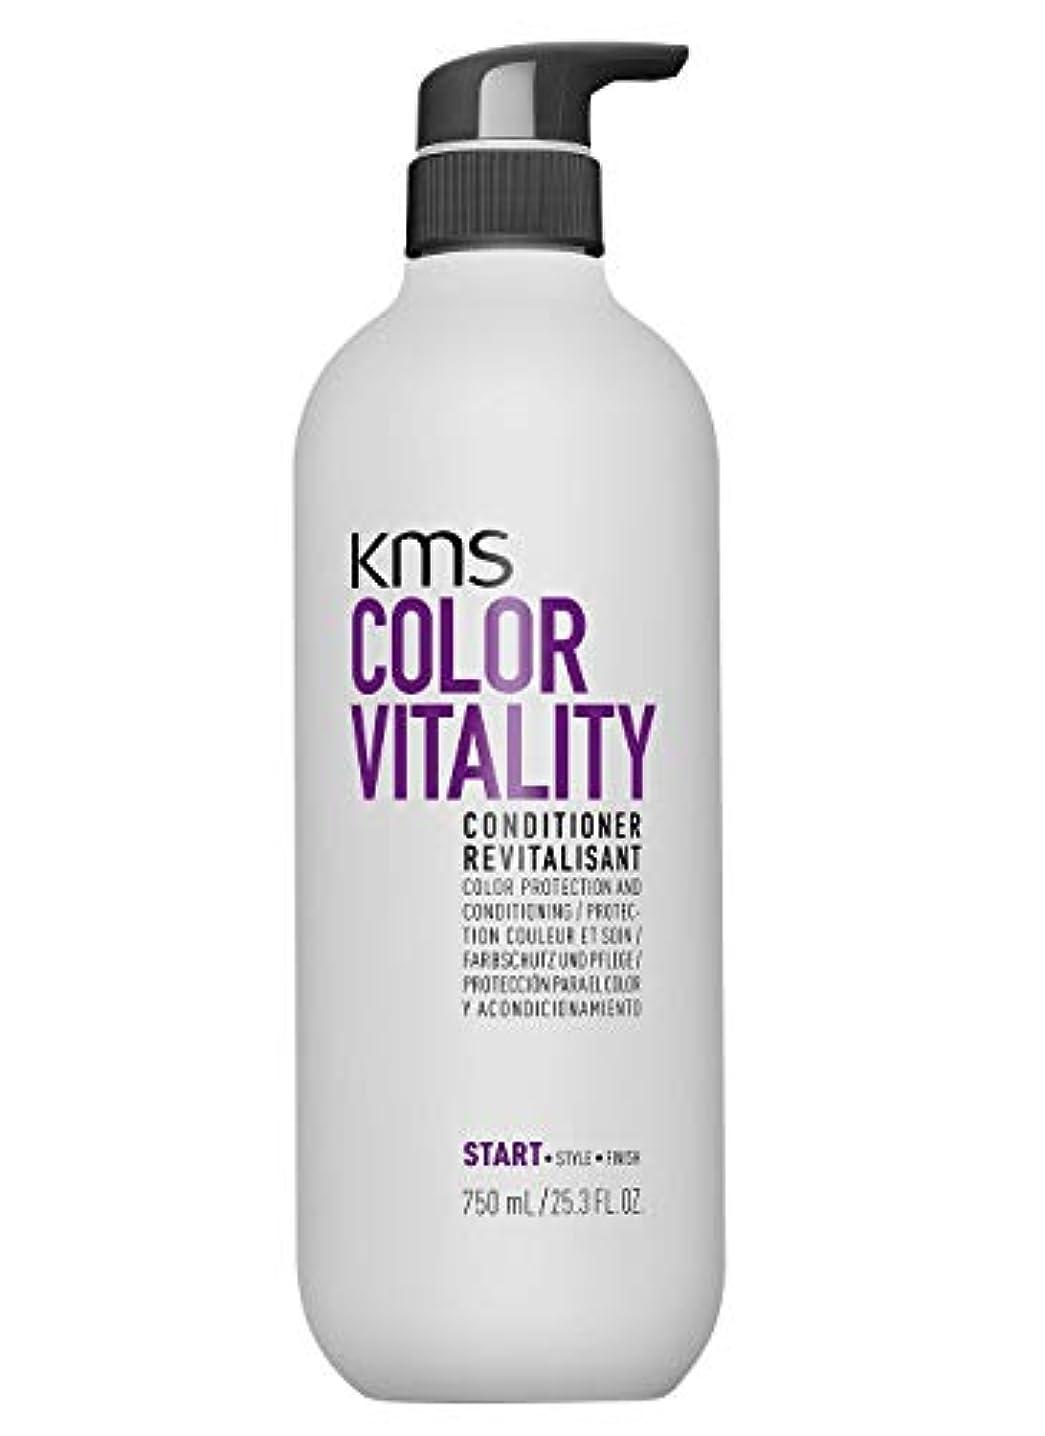 森トリッキー楽観的KMSカリフォルニア Color Vitality Conditioner (Color Protection and Conditioning) 750ml/25.3oz並行輸入品